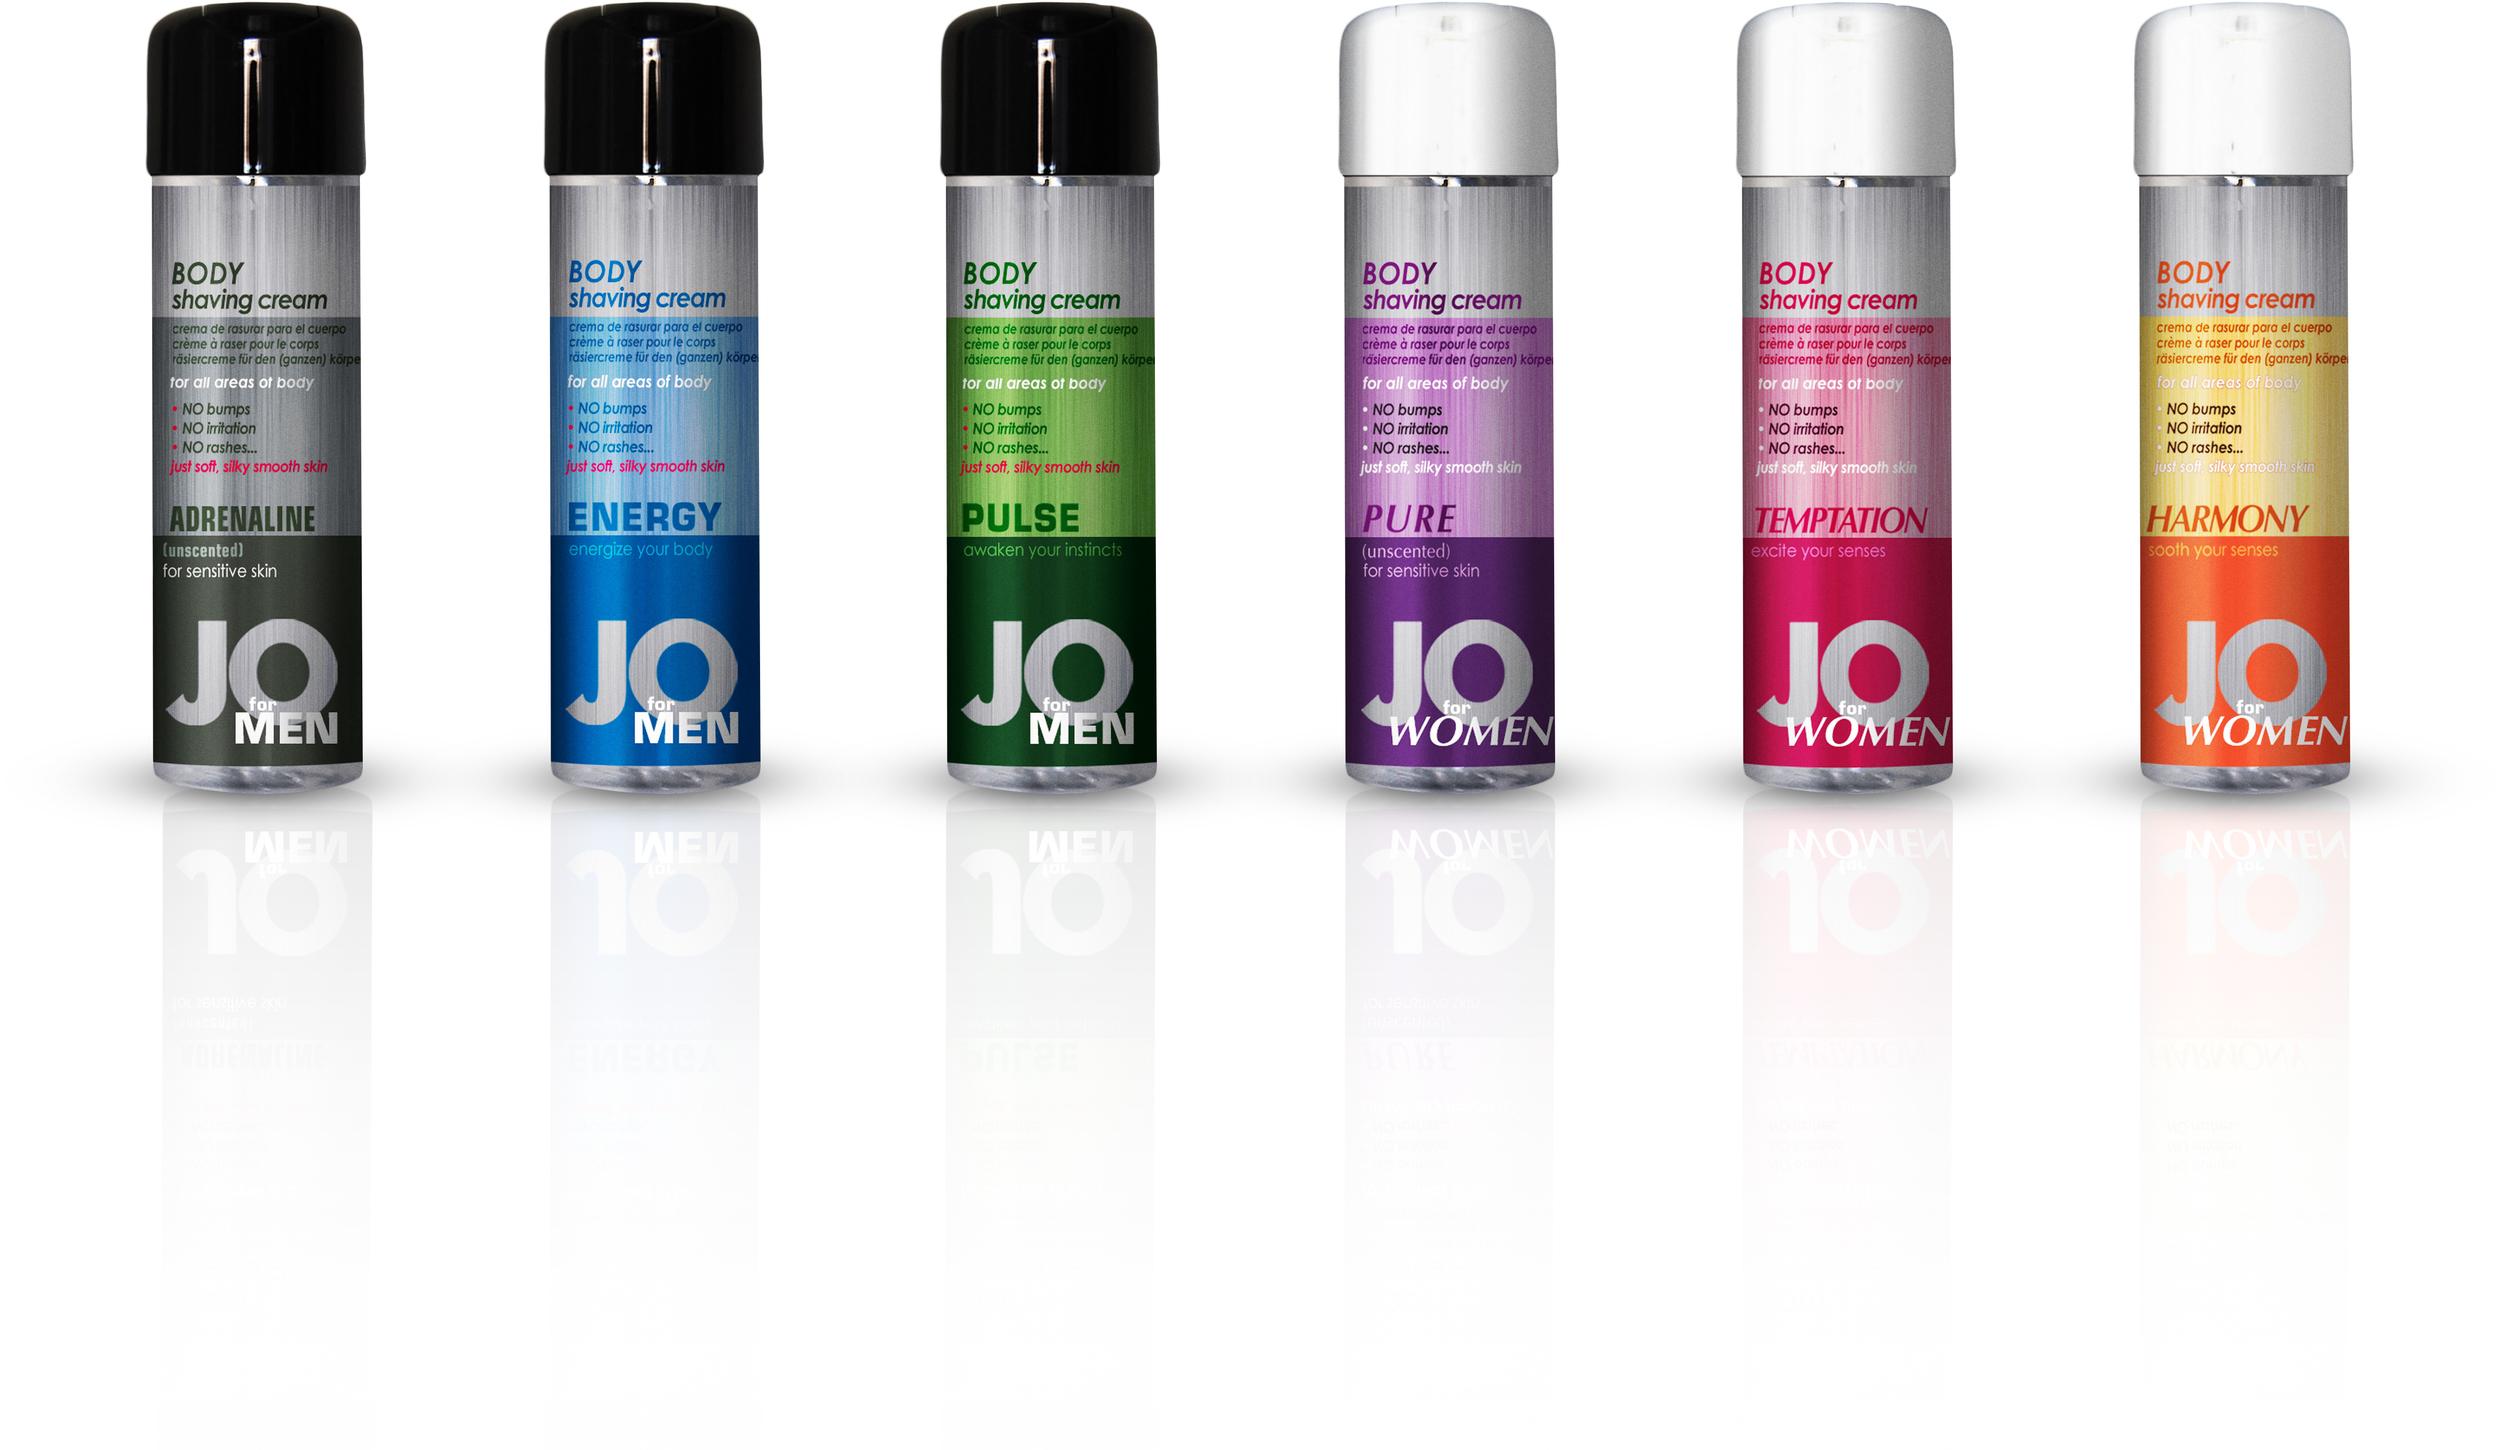 JO_shaving_cream_cluster_ALL.jpg